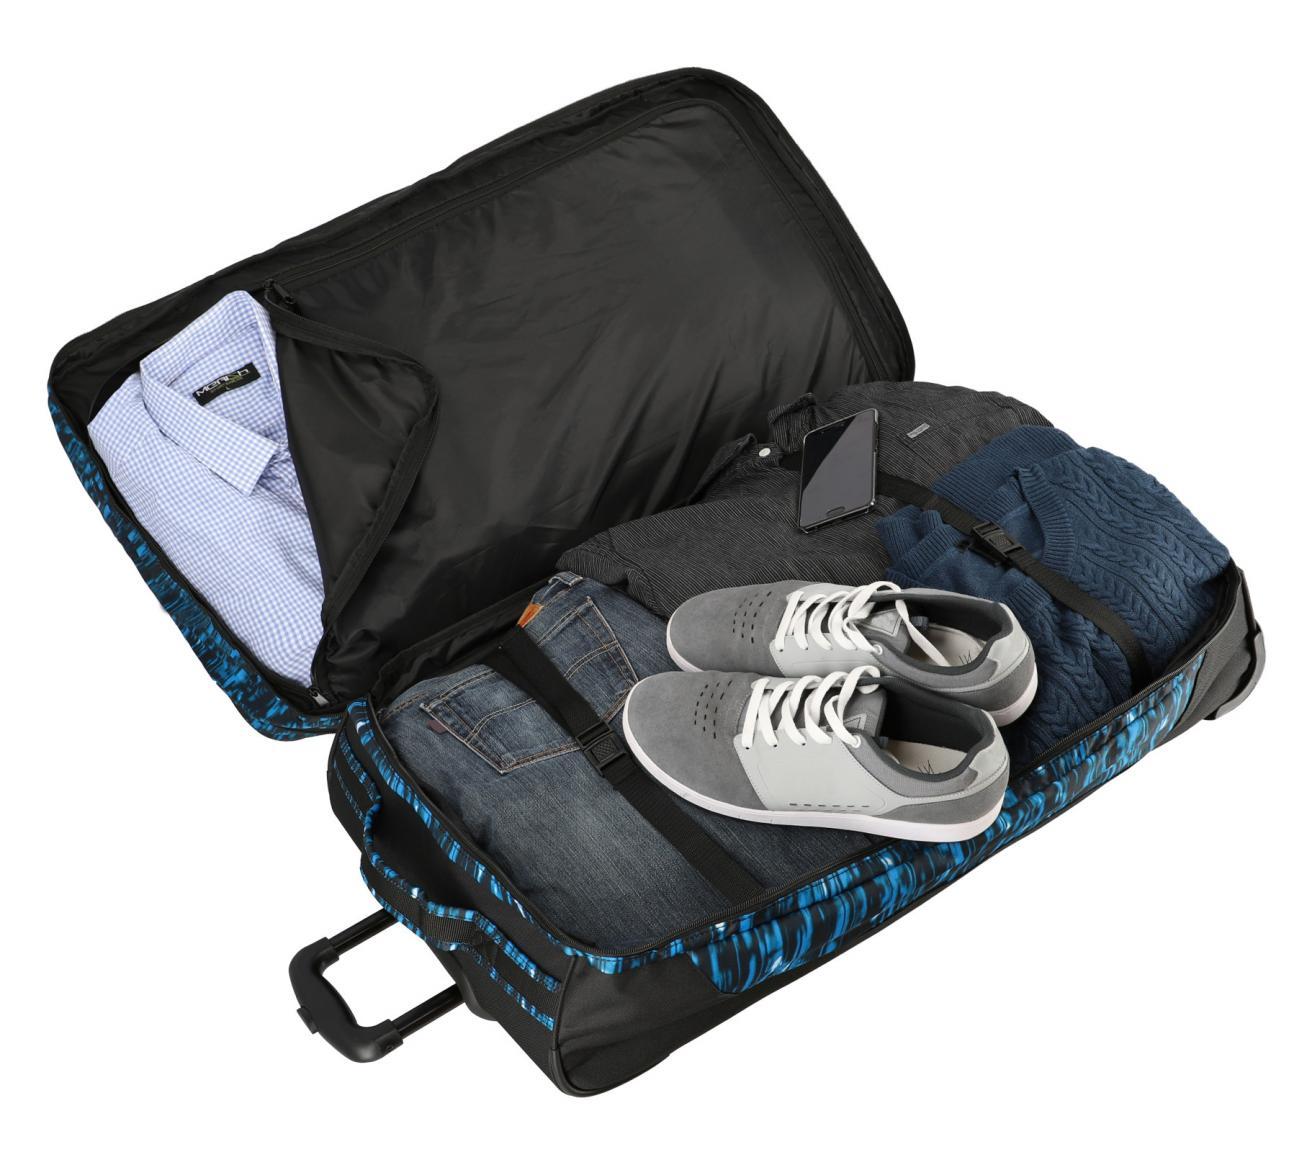 Trolleytasche Travelite Basics schwarz grau gemuster 2-Rad